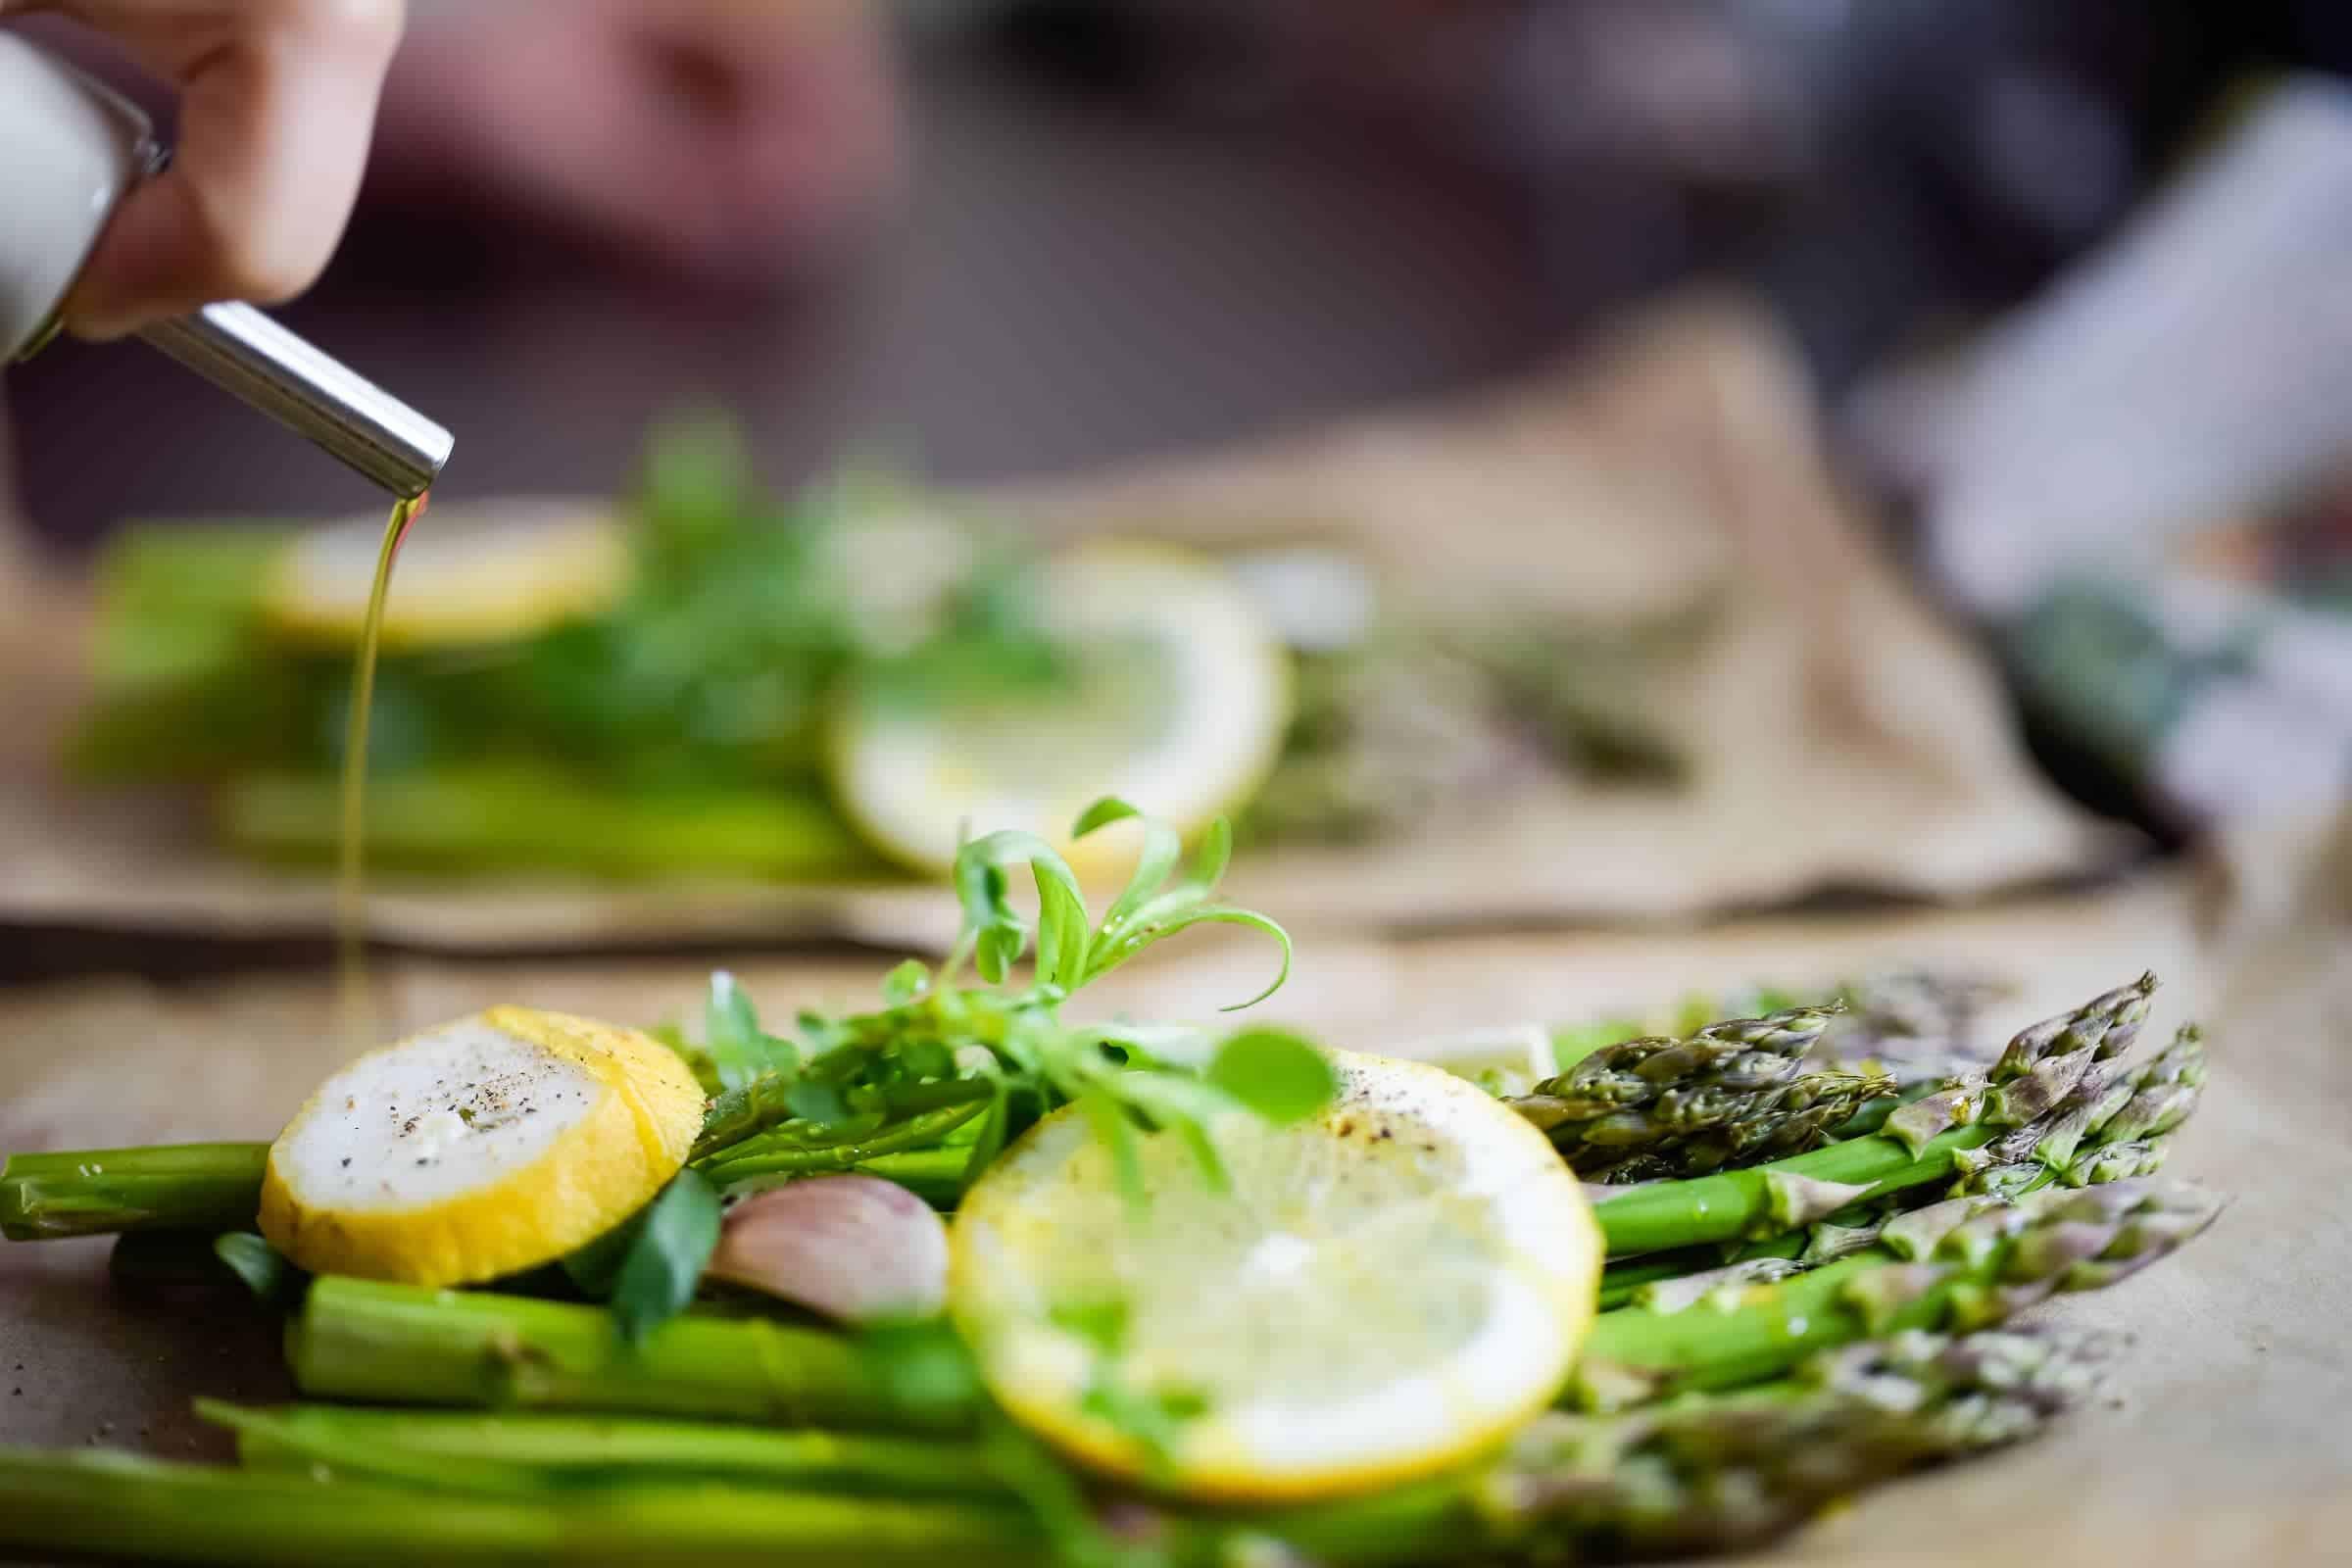 Asparagi al cartoccio con erbe aromatiche preparazione preparazione 3